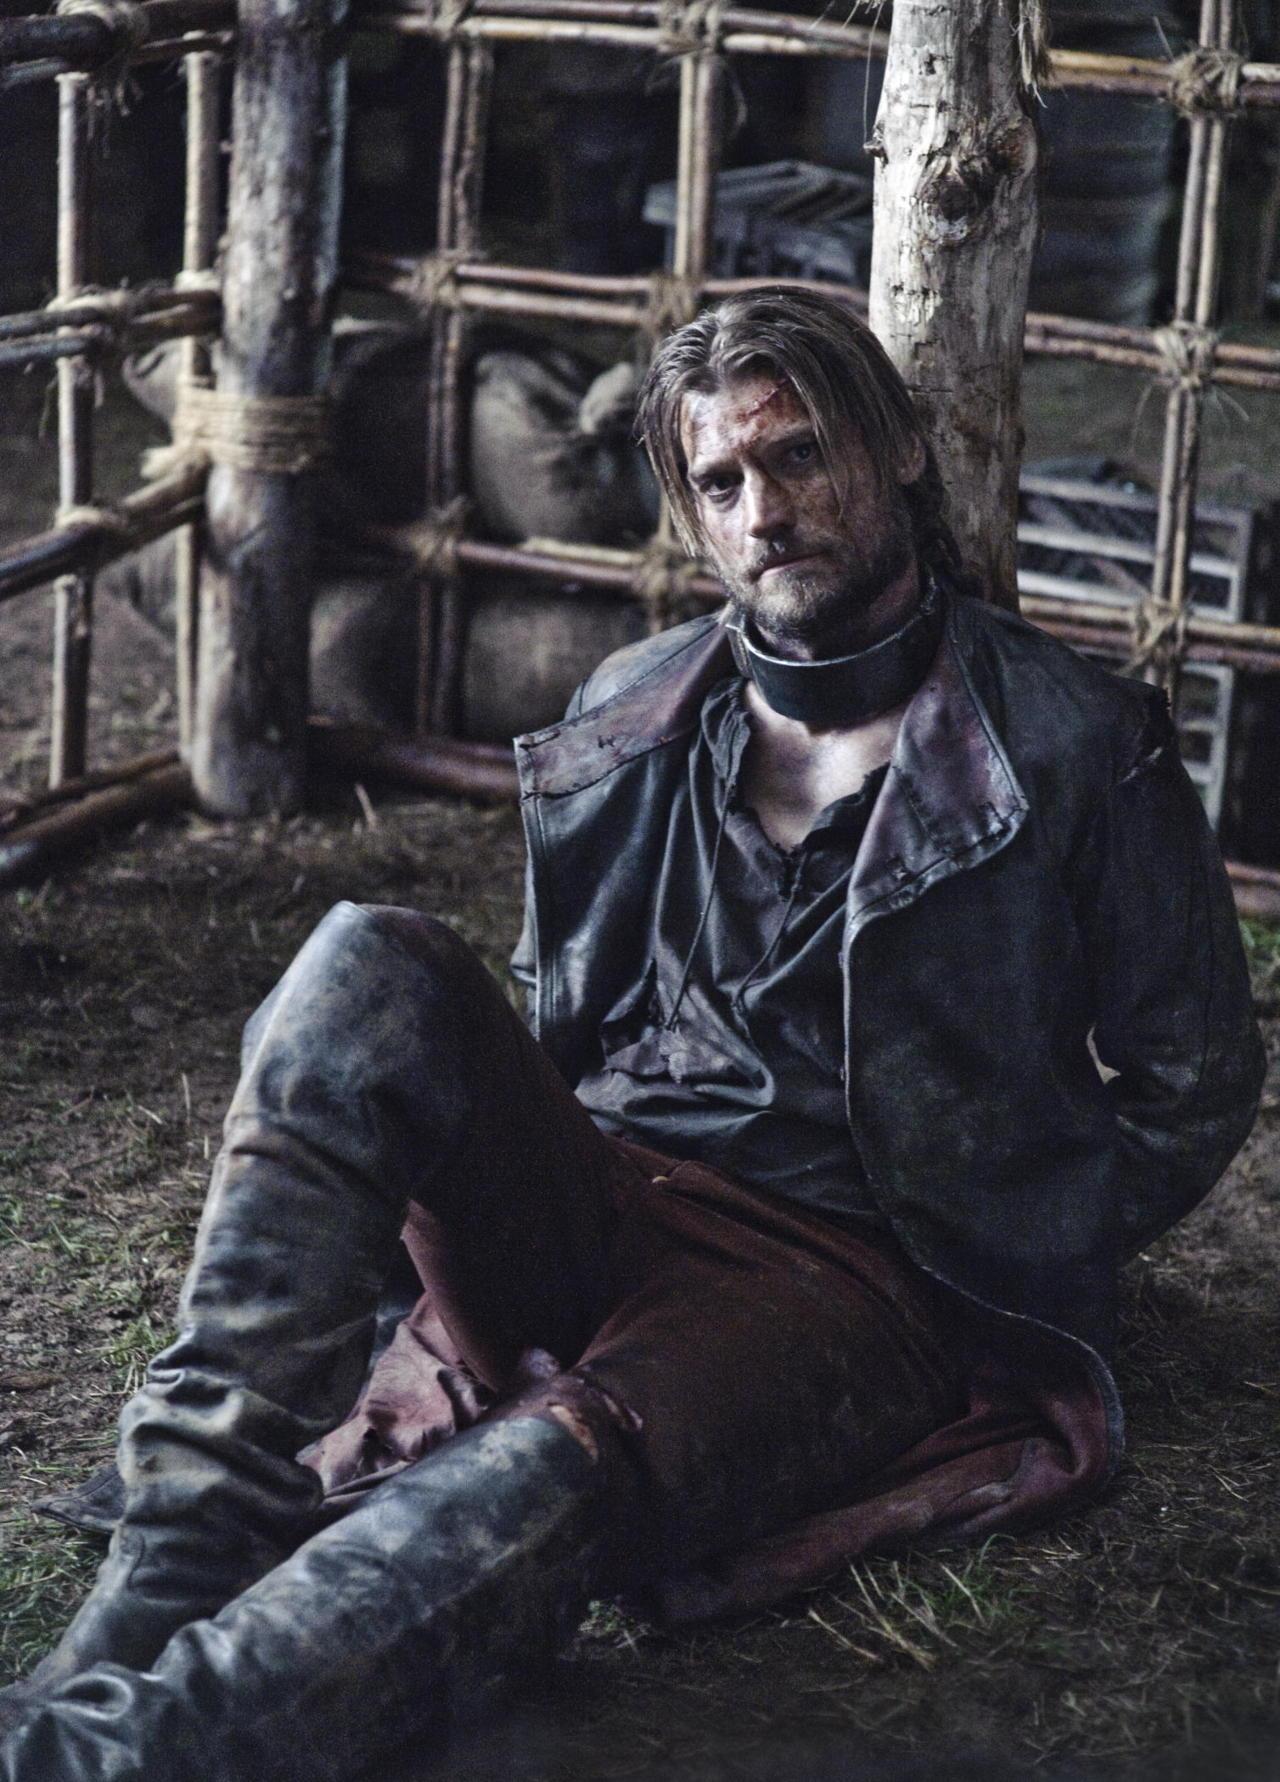 MBTI enneagram type of Jaime Lannister